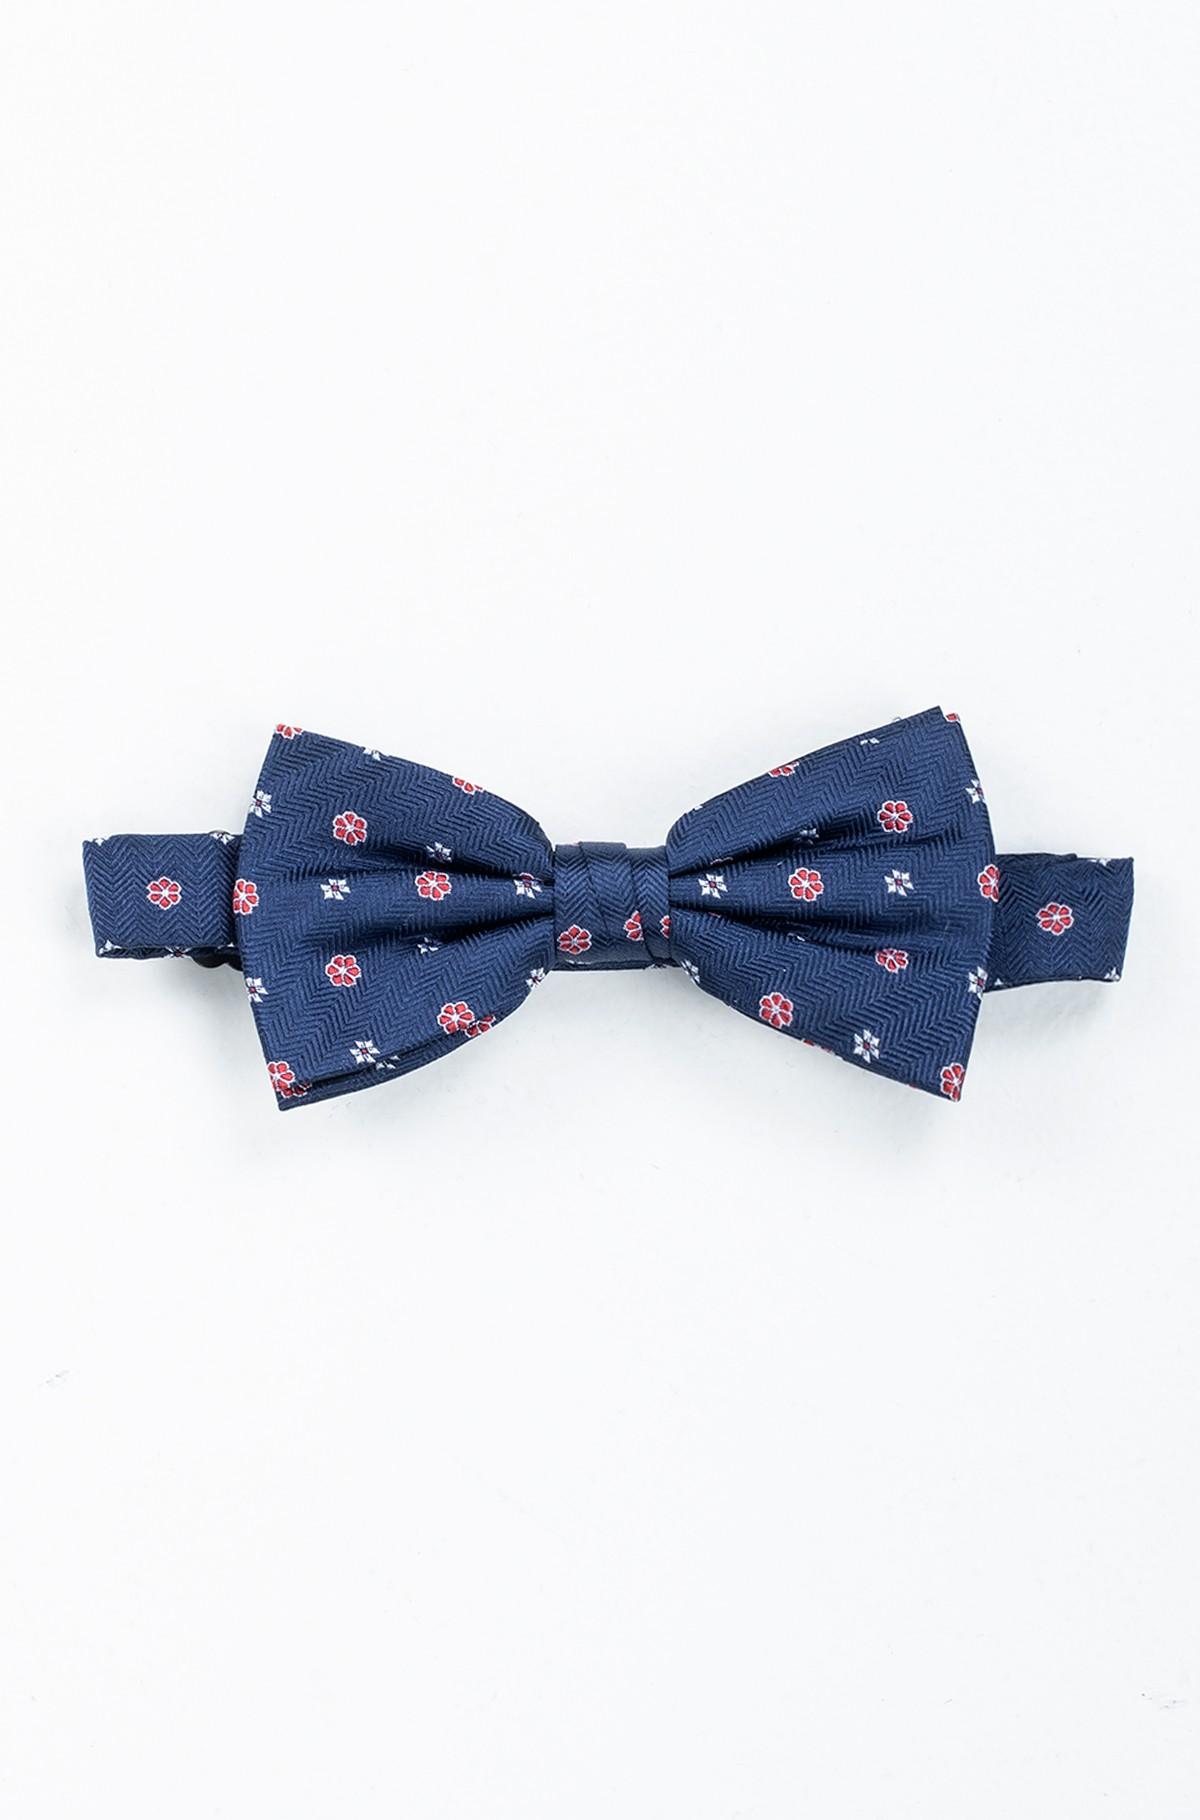 Bow tie HERRINGBONE DESIGN SILK BOWTIE-full-1